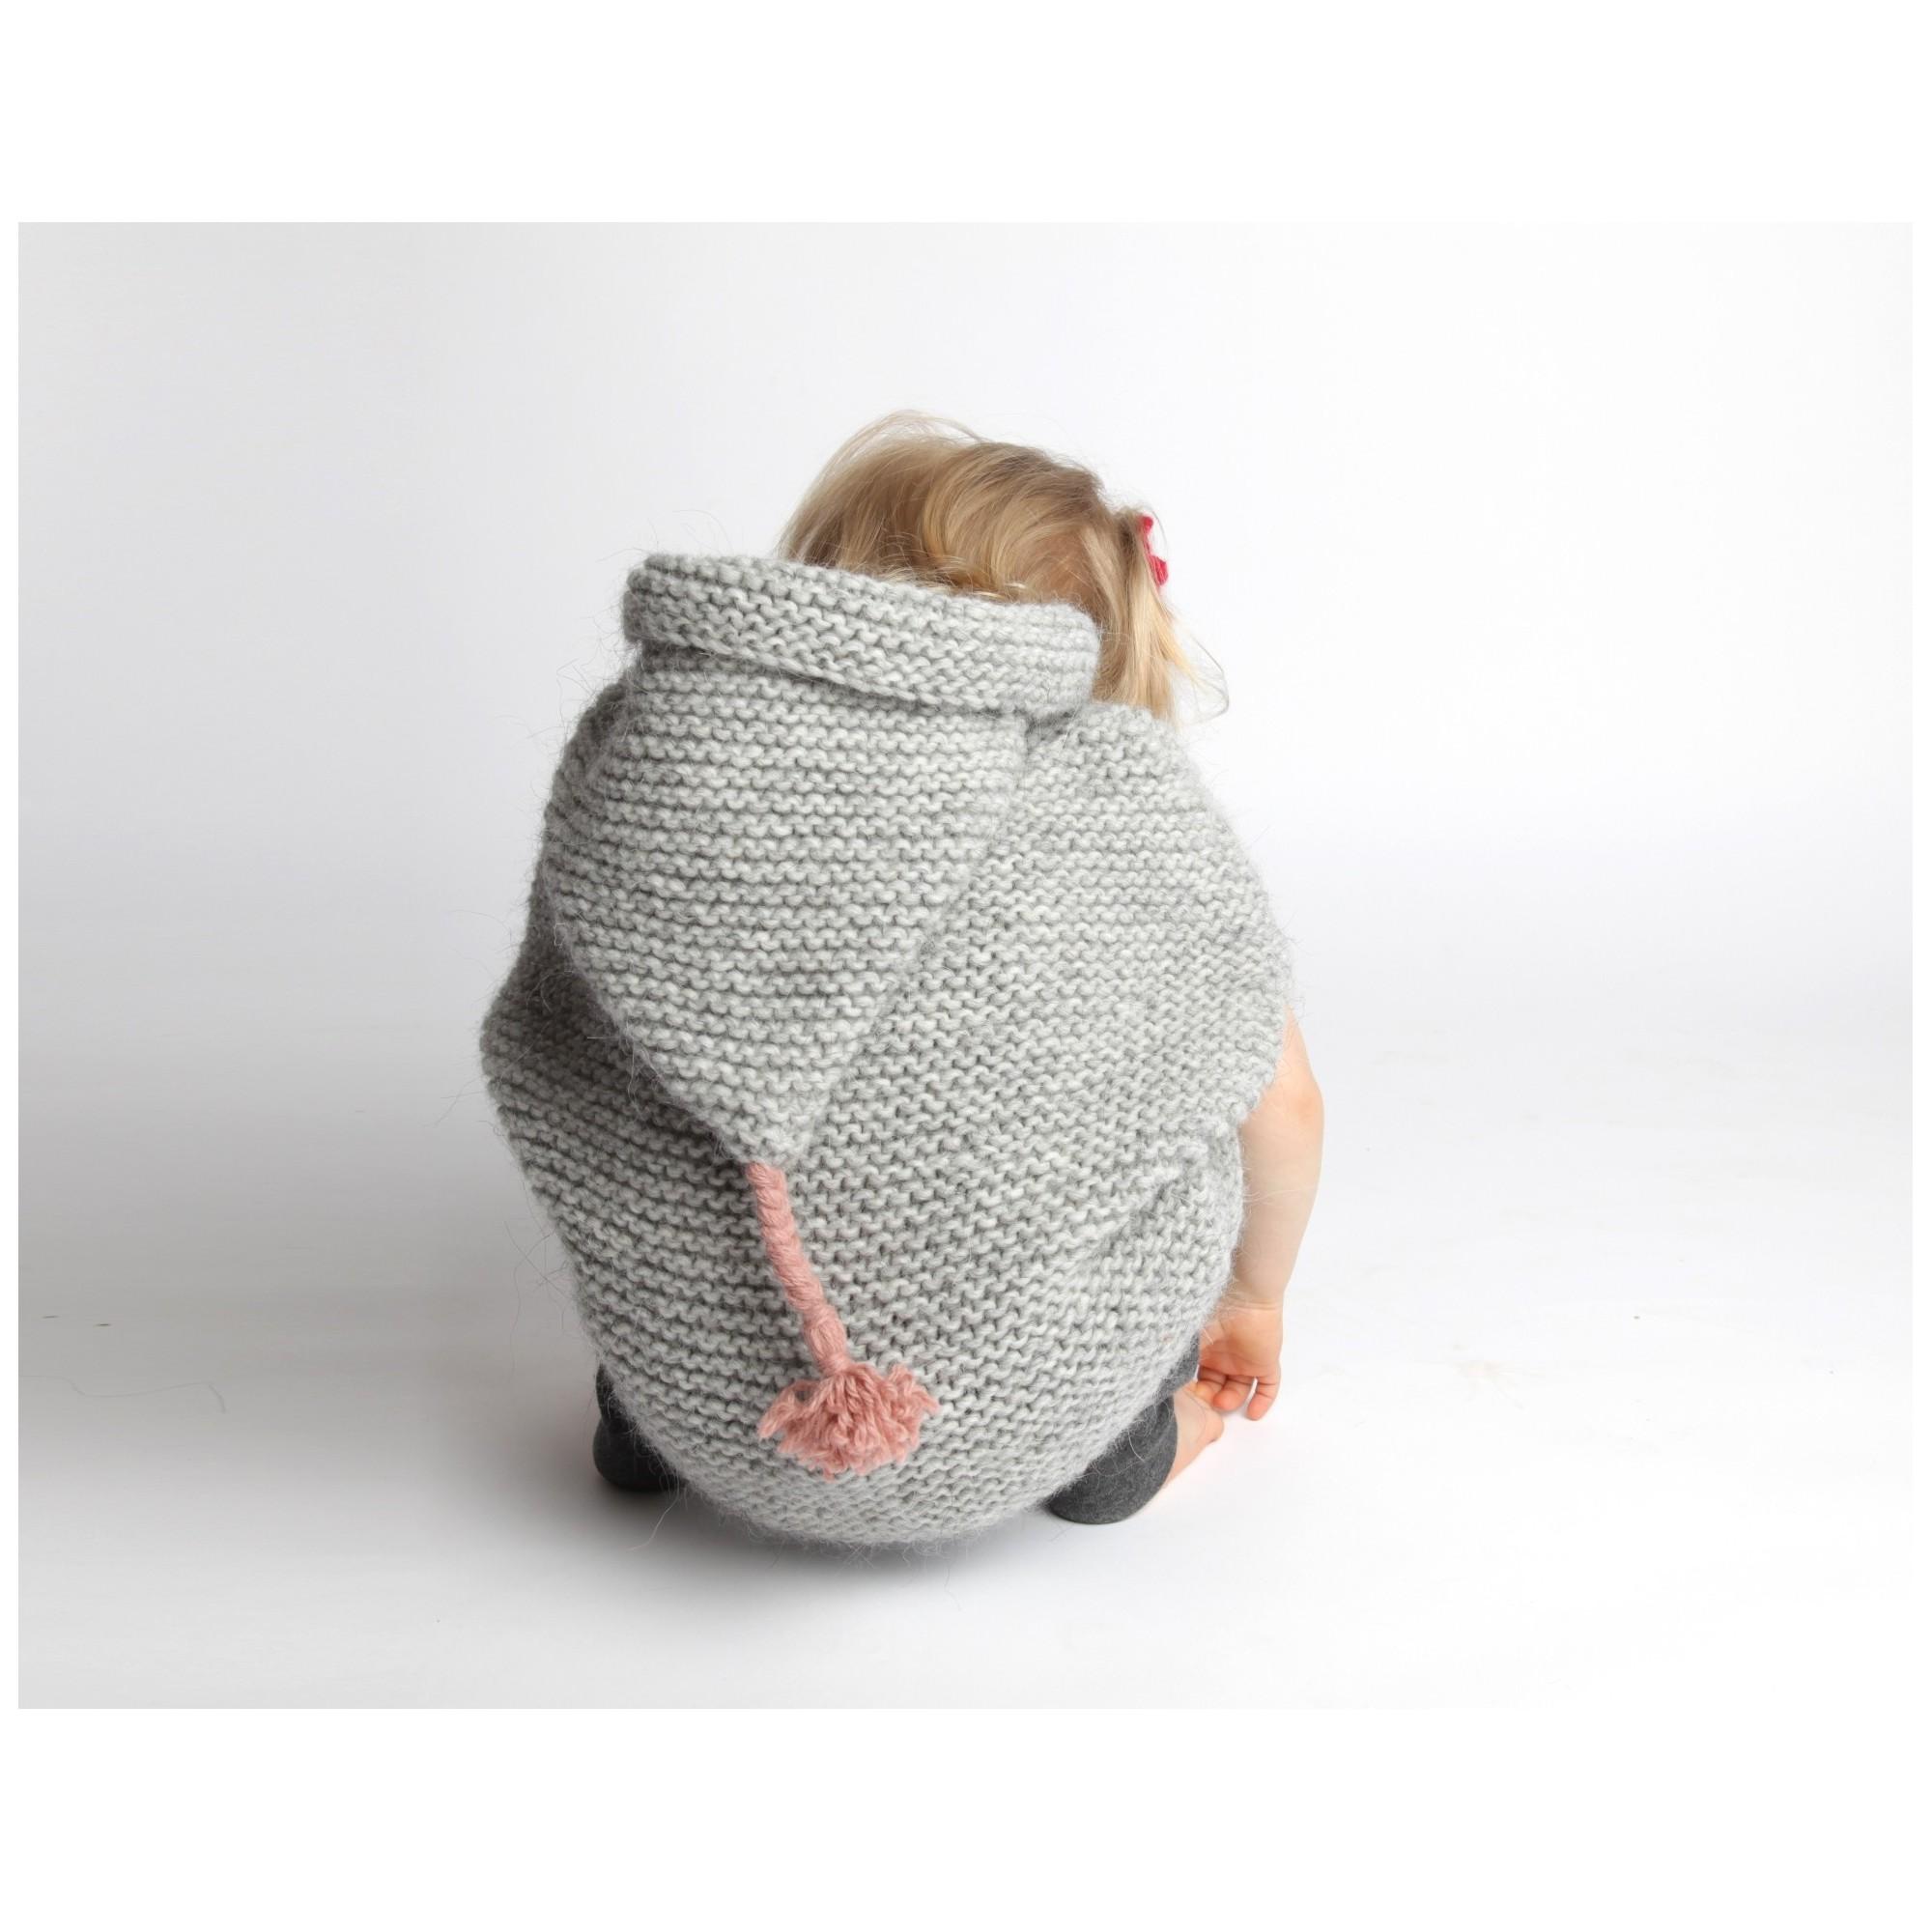 Cape bébé grise, au point mousse, en laine et alpaga - portée - dos